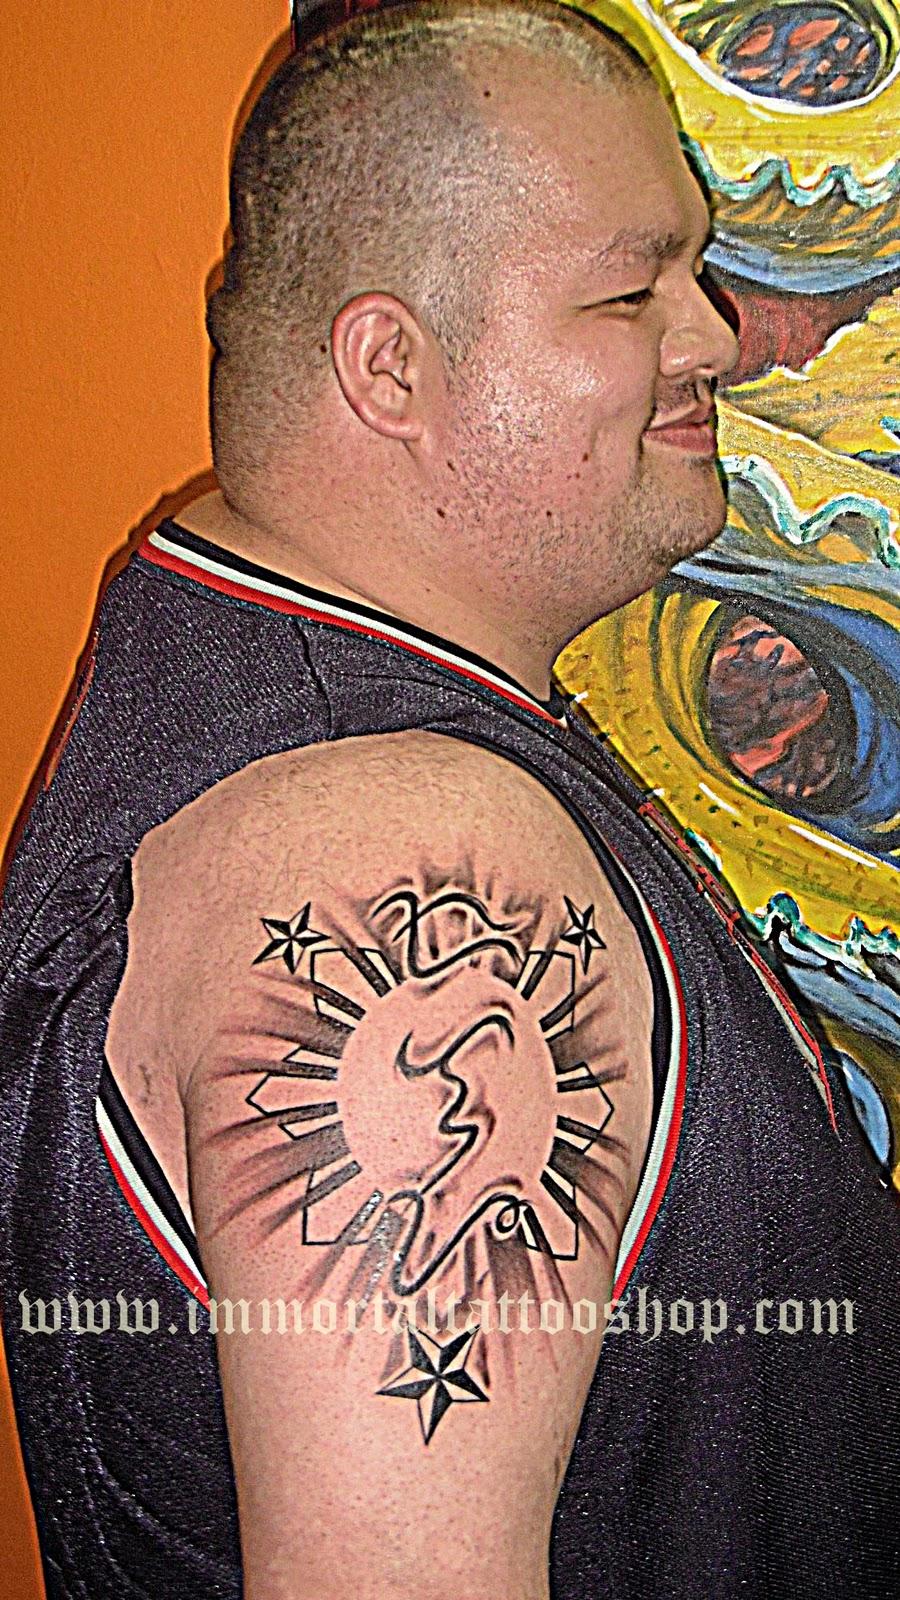 Filipinotattoo november 2011 for Philippine island tattoo